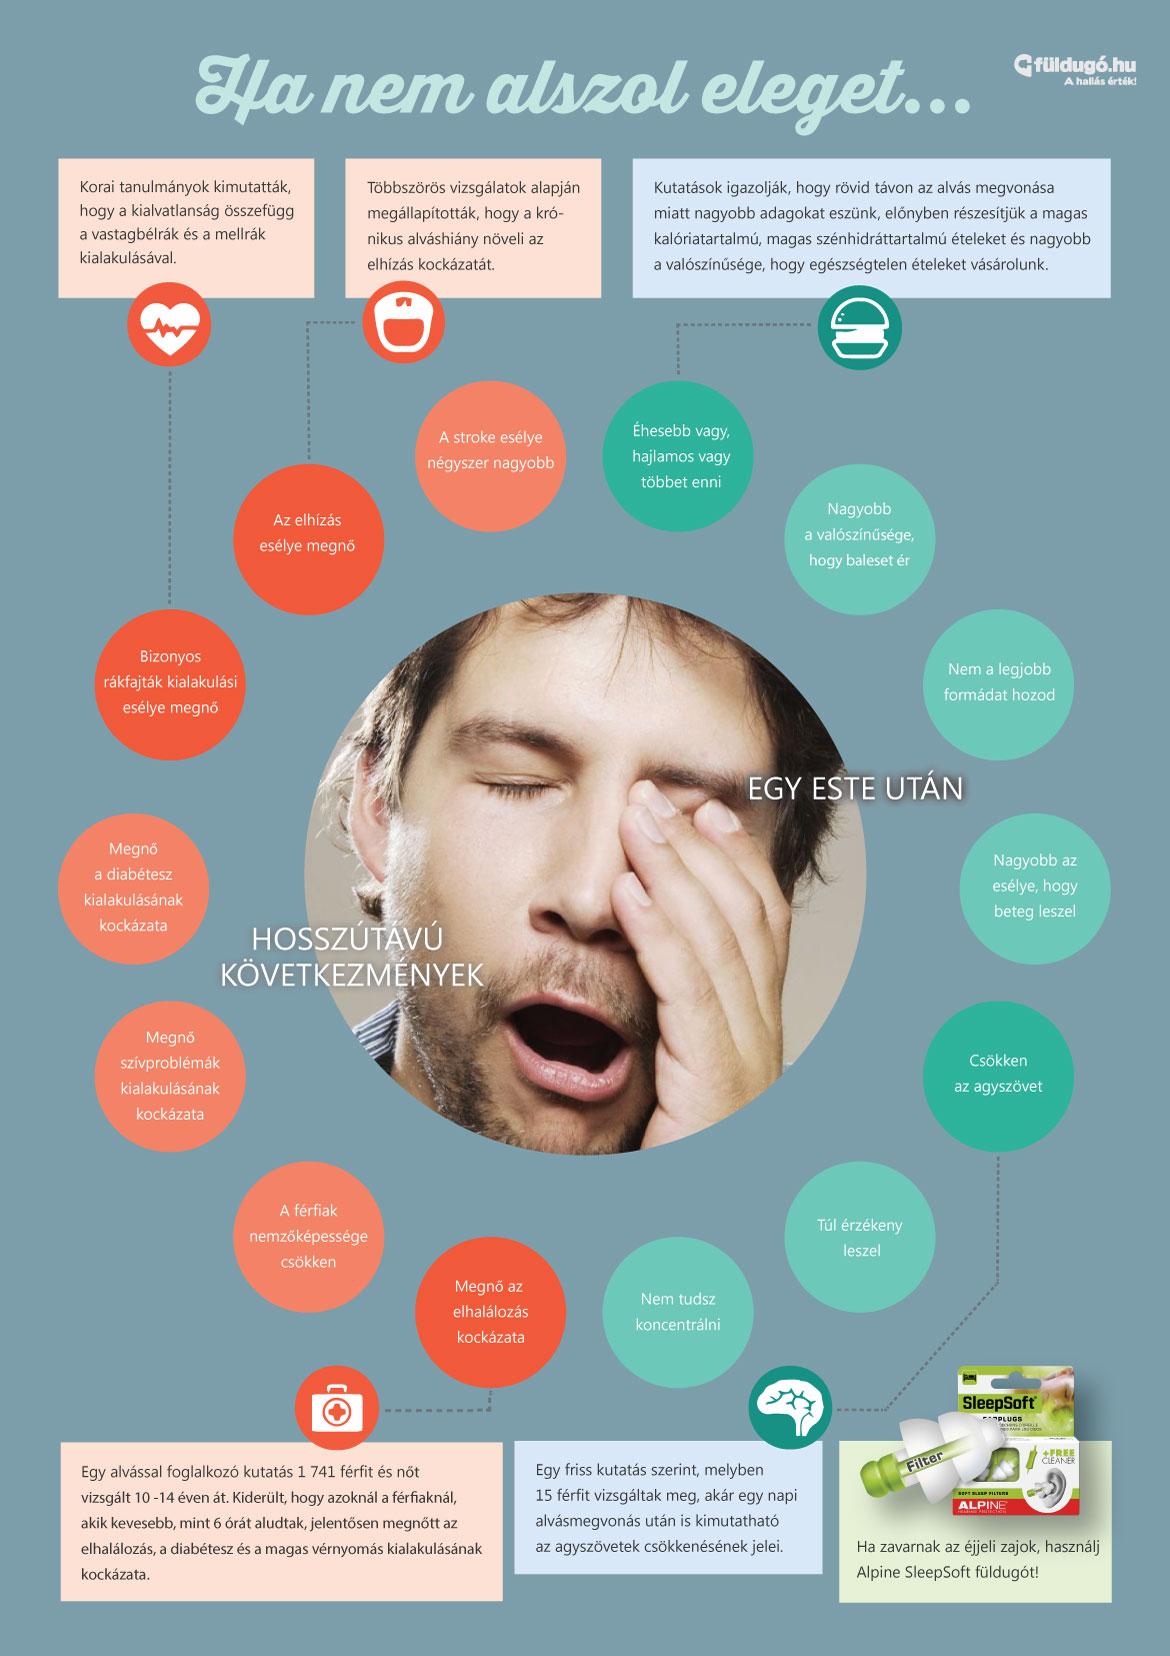 vastagbélrák infographic